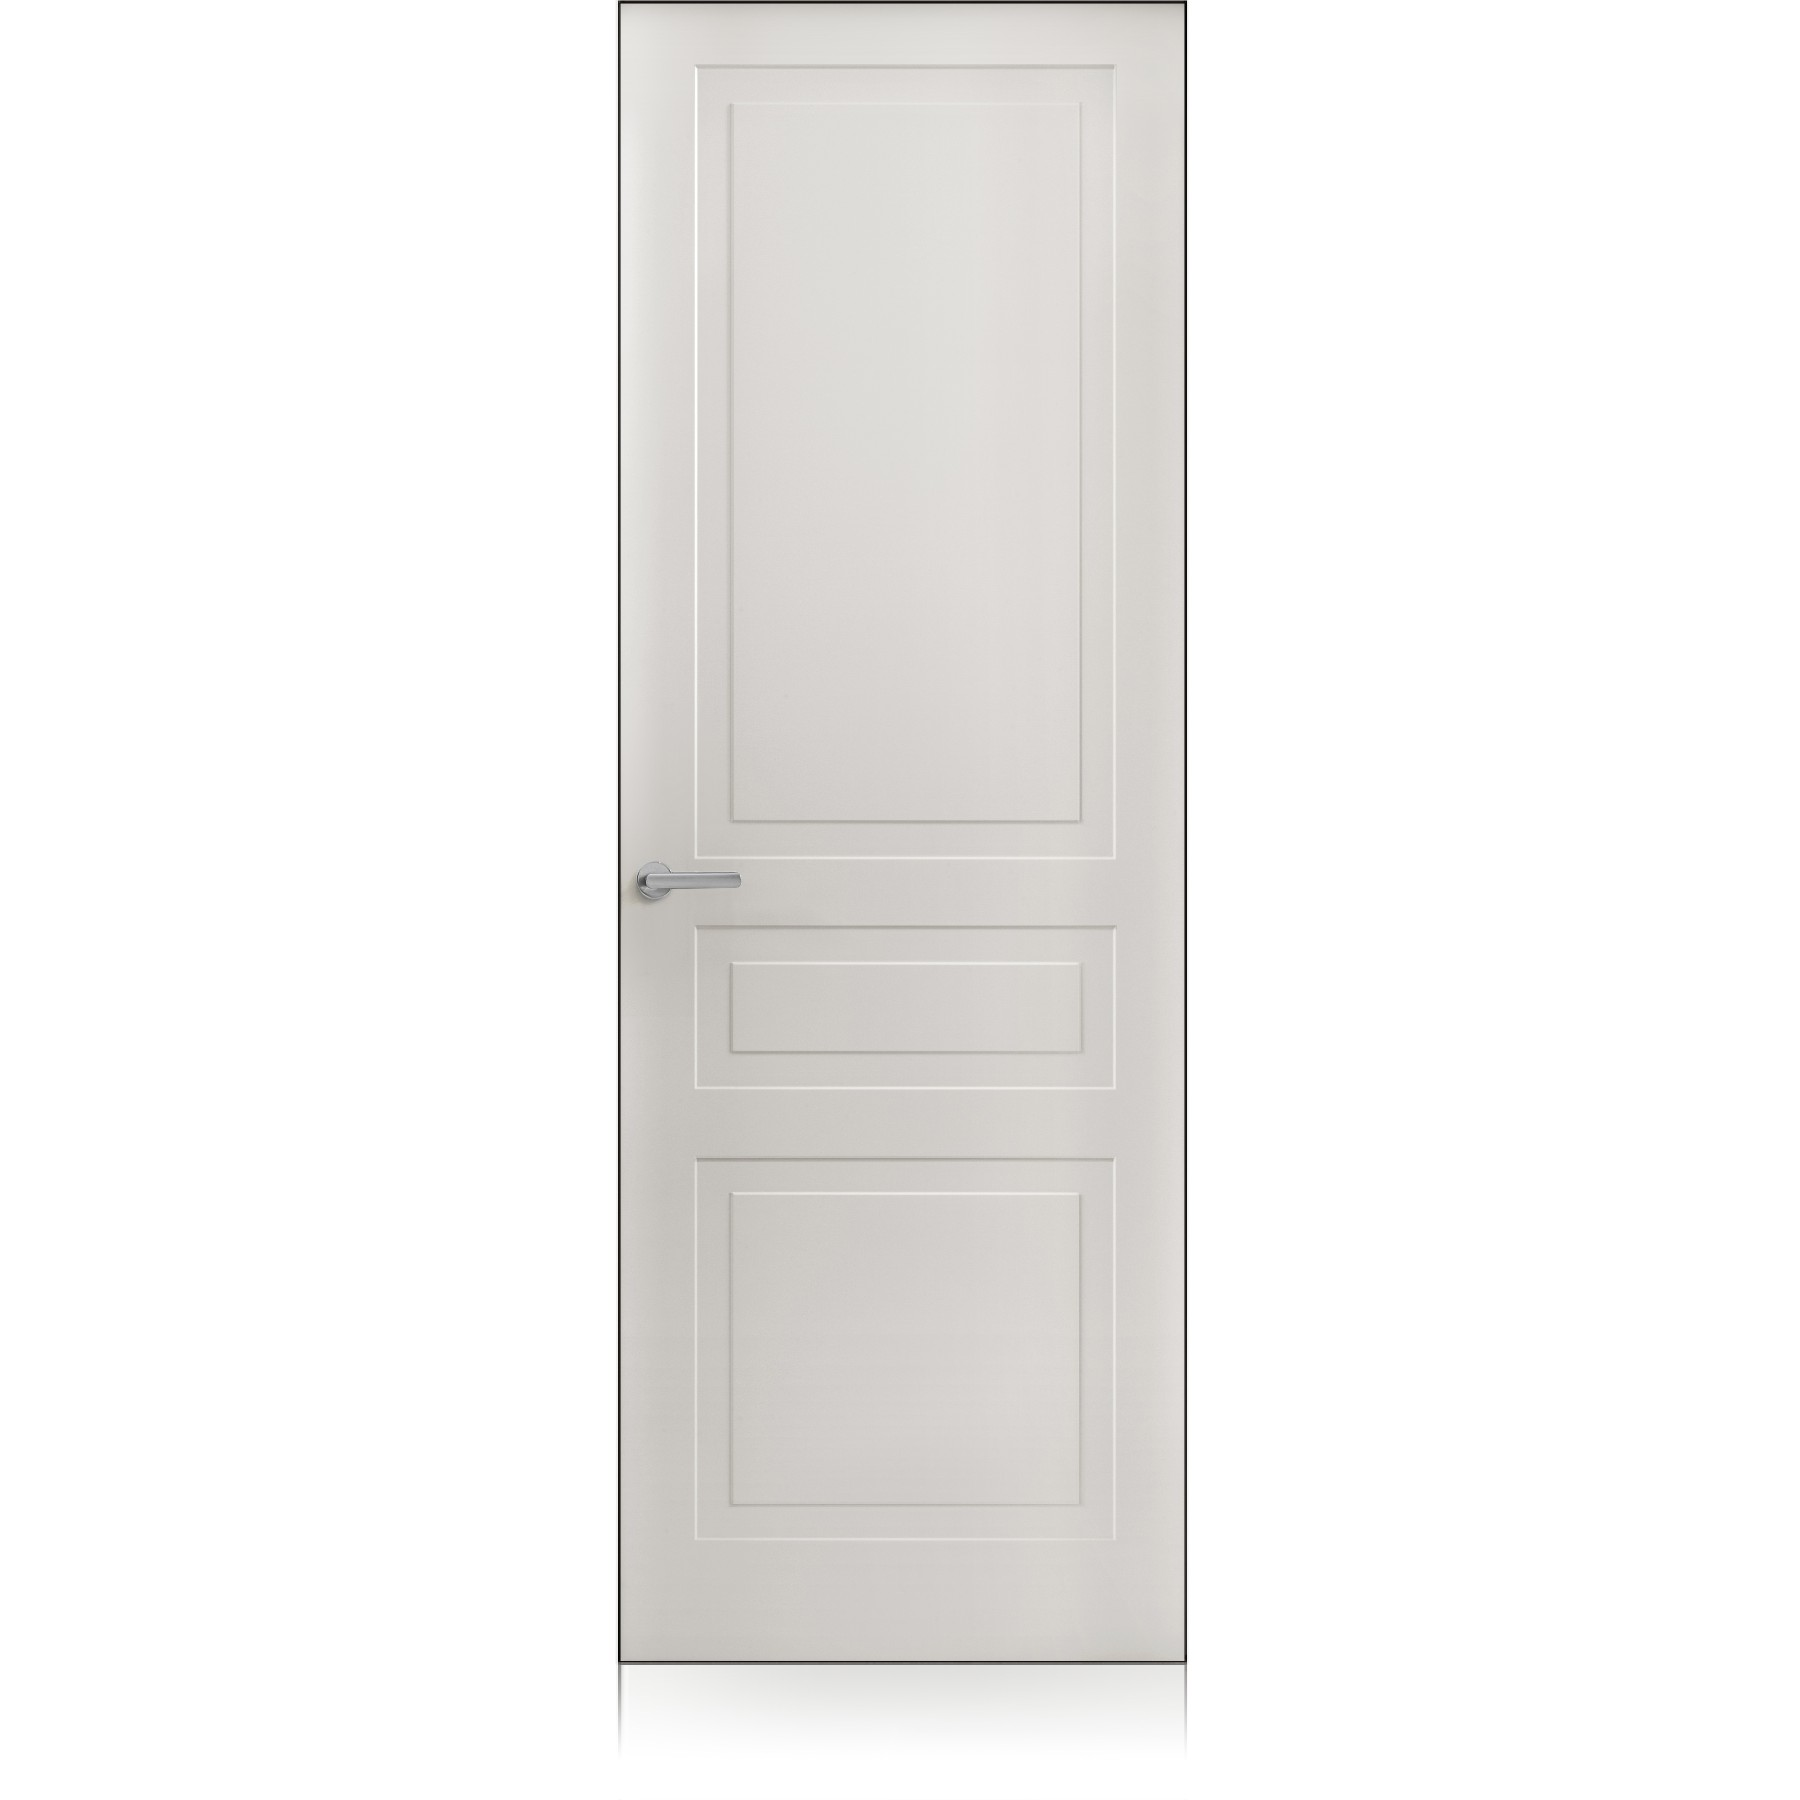 Porta Mixy / 7 Zero grigio lux